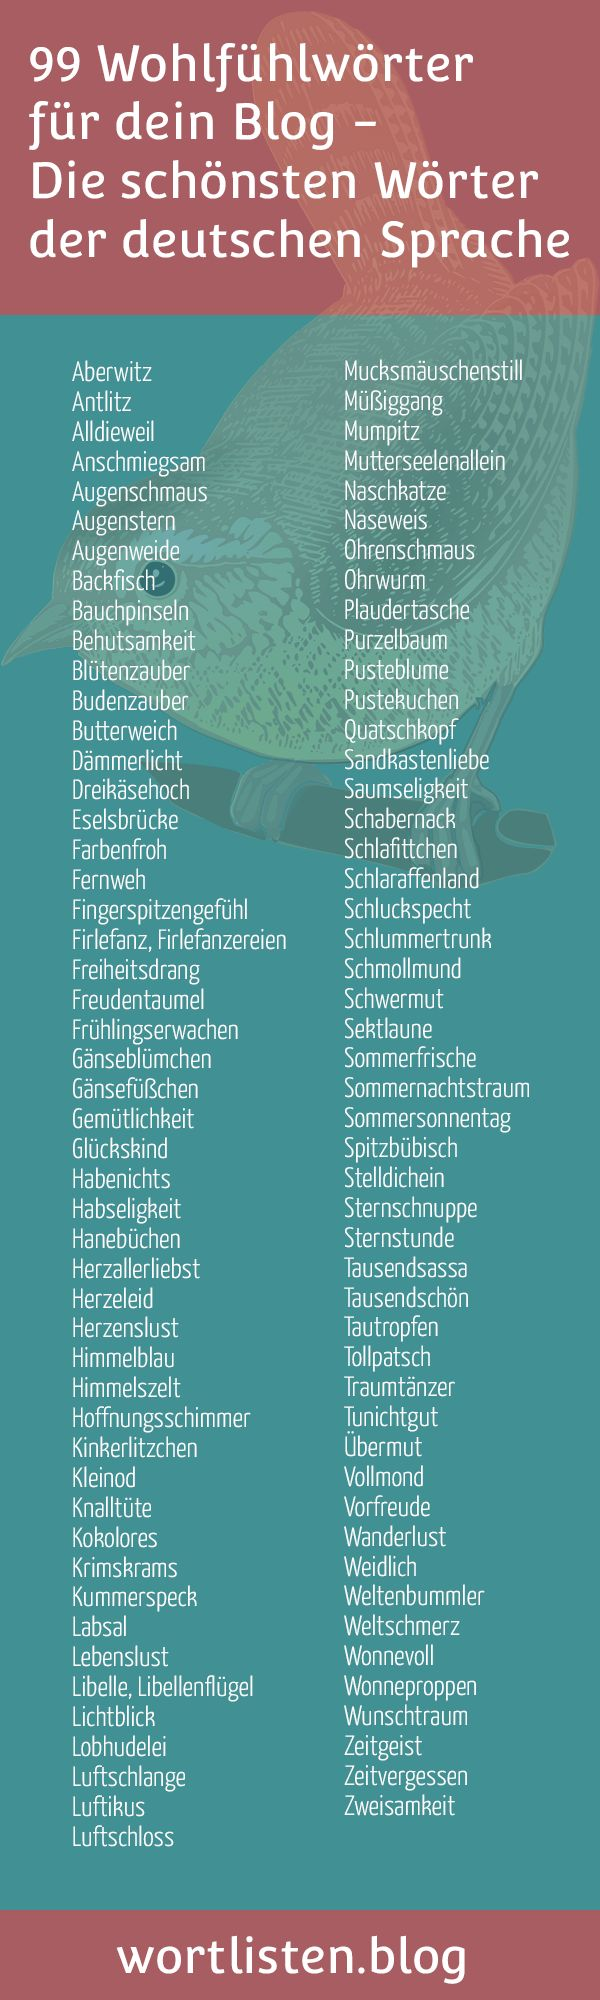 Wohlfühlwörter für dein Blog — Die schönsten Wörter der deutschen Sprache